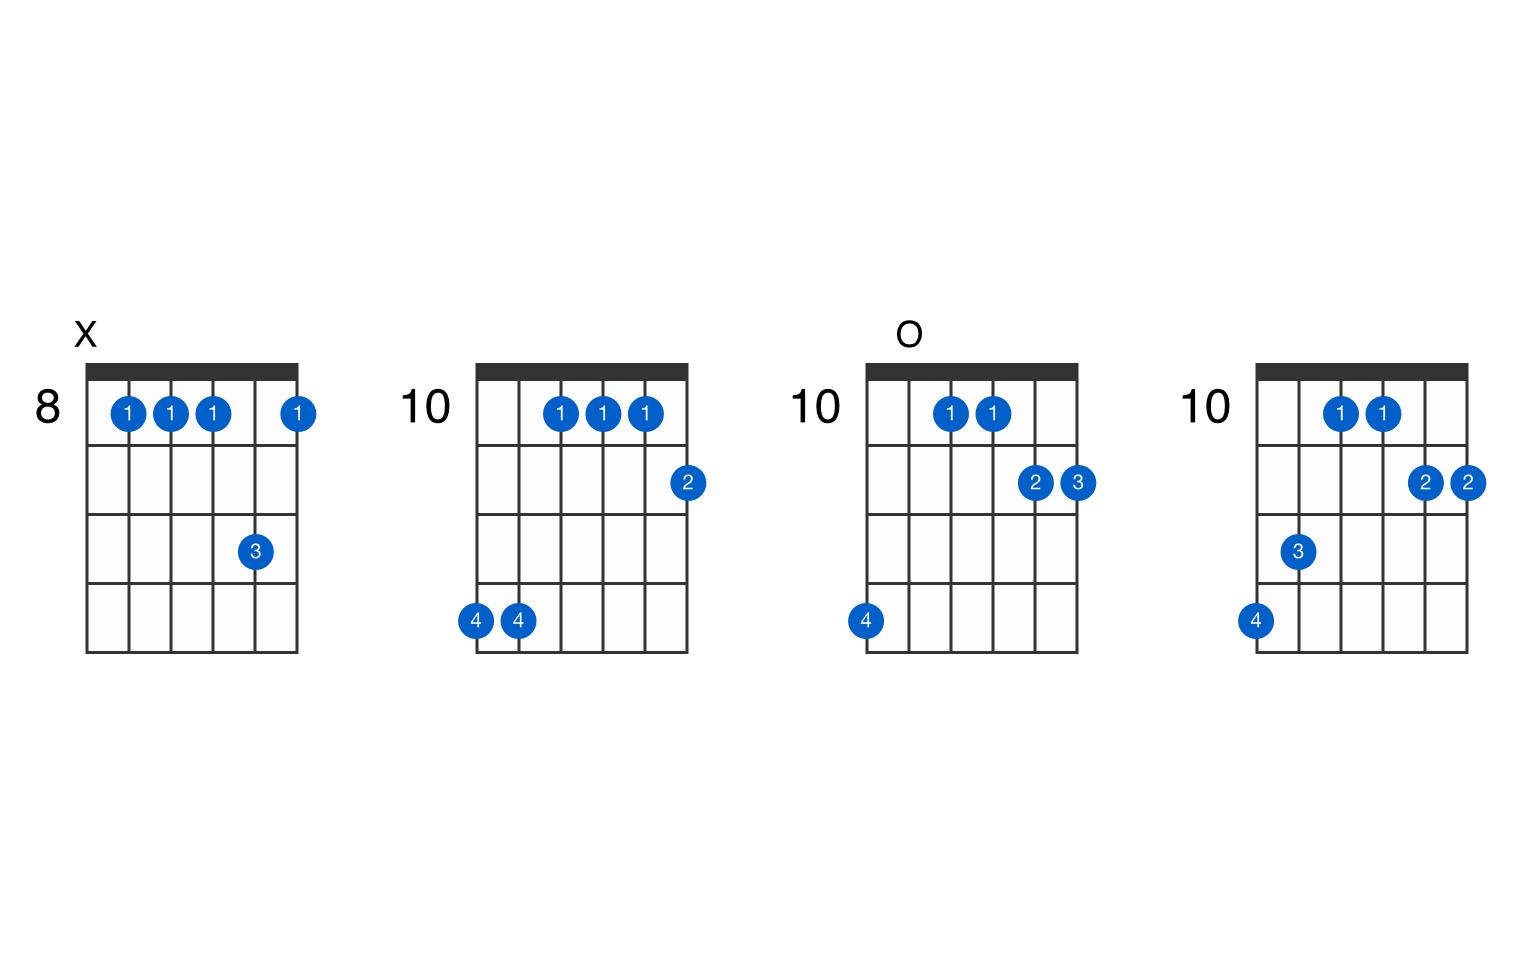 F15add15 guitar chord   GtrLib Chords